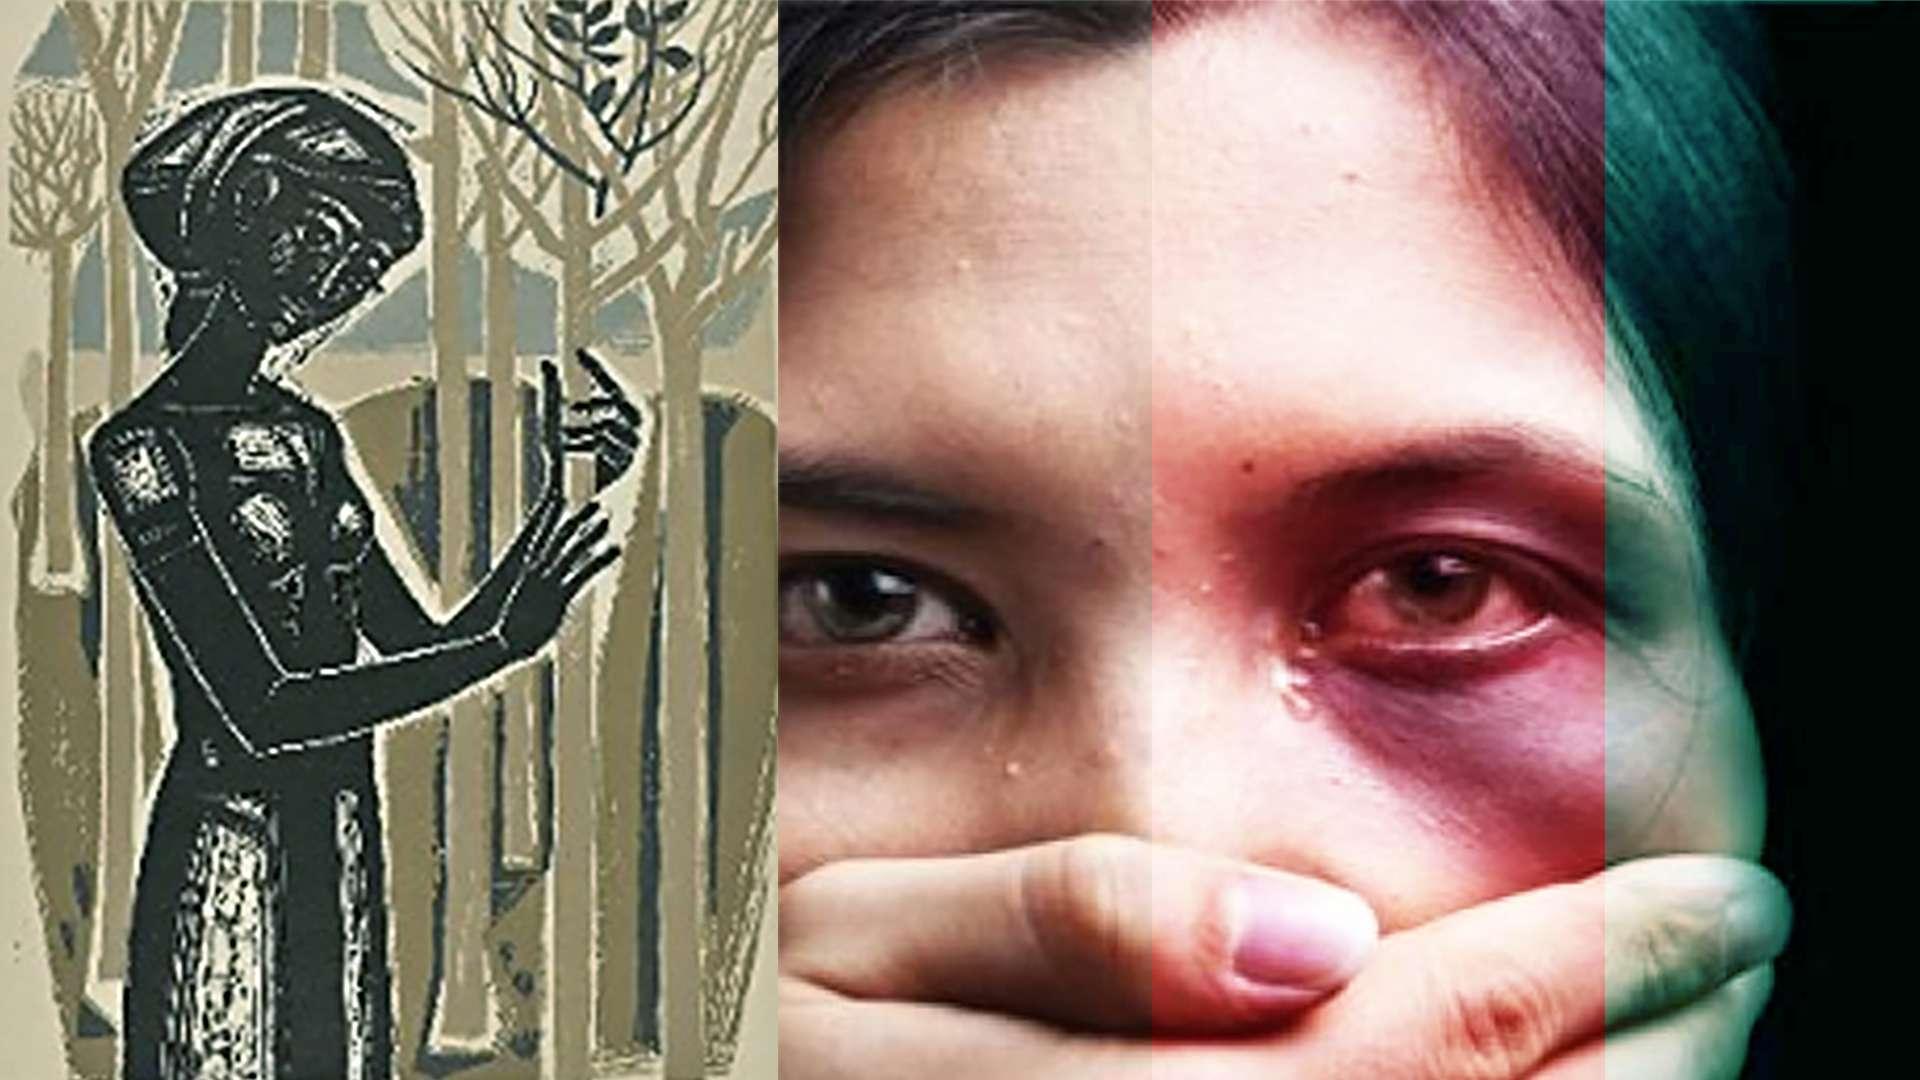 Κοινωνικοί αγώνες γυναίκας & σεξουαλική παρενόχληση